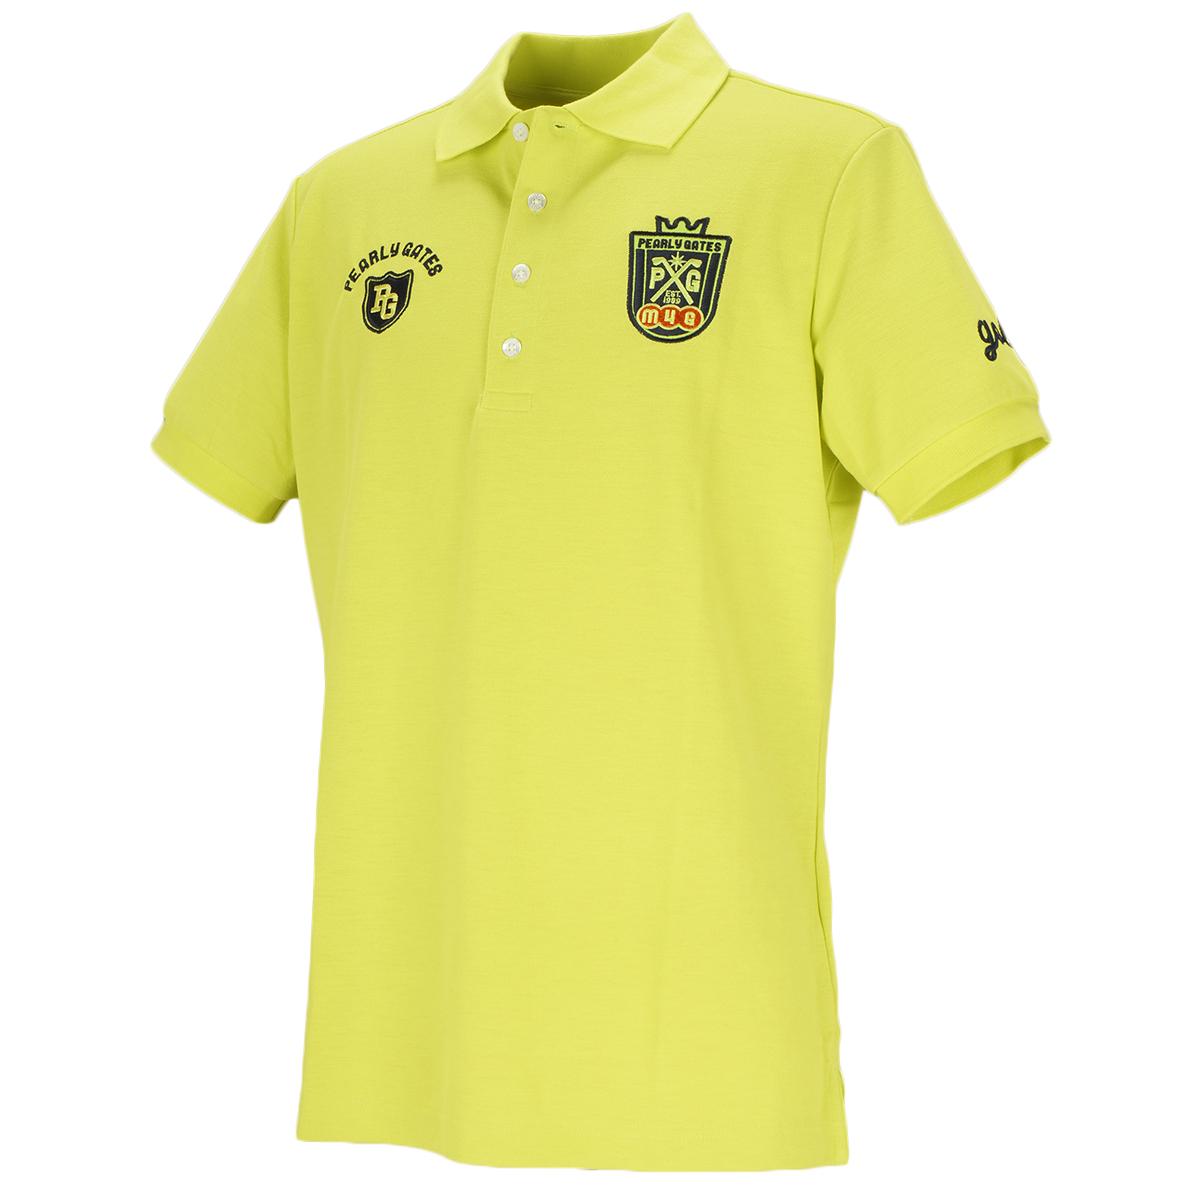 DRY-X鹿の子 半袖ポロシャツ